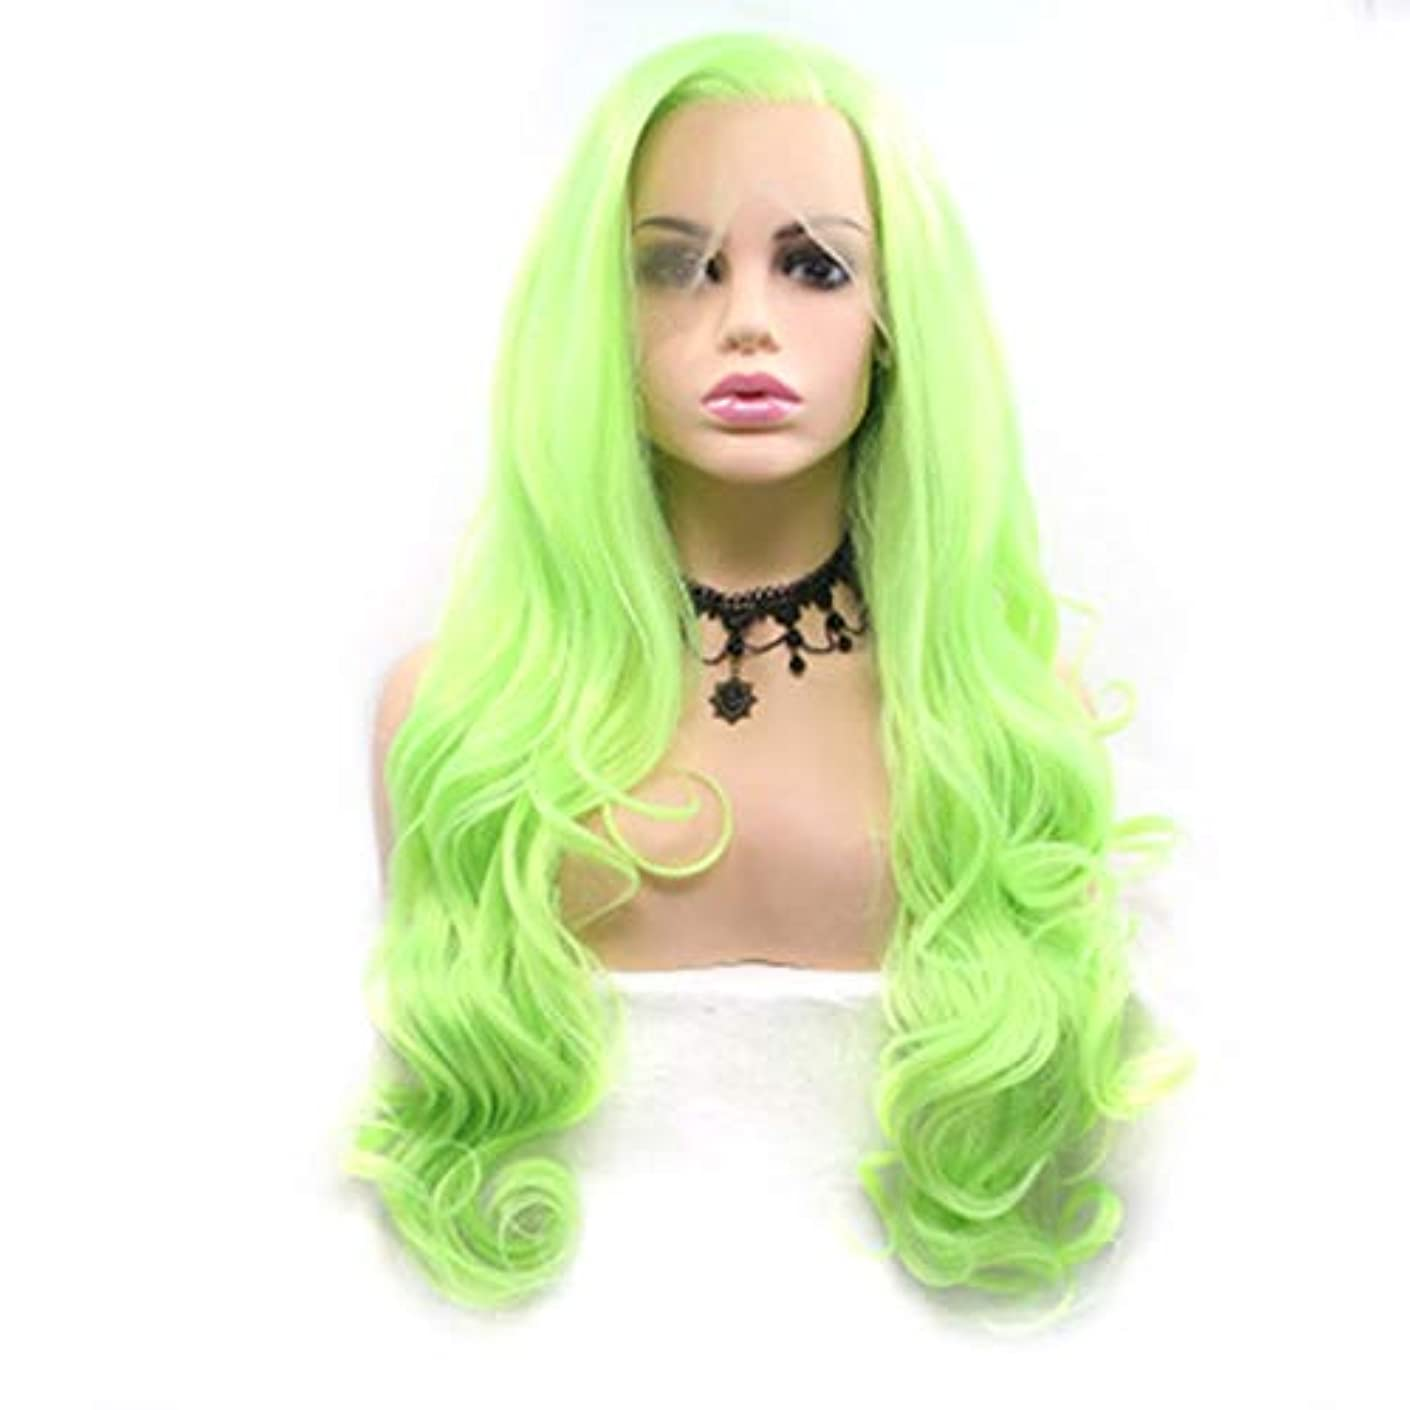 腐敗した悪い限界ヘアピース 女性のヨーロッパおよびアメリカ向けの蛍光グリーンウィッグロングカーリーヘアパーティーデイリーCOS化学繊維ウィッグヘッドギア